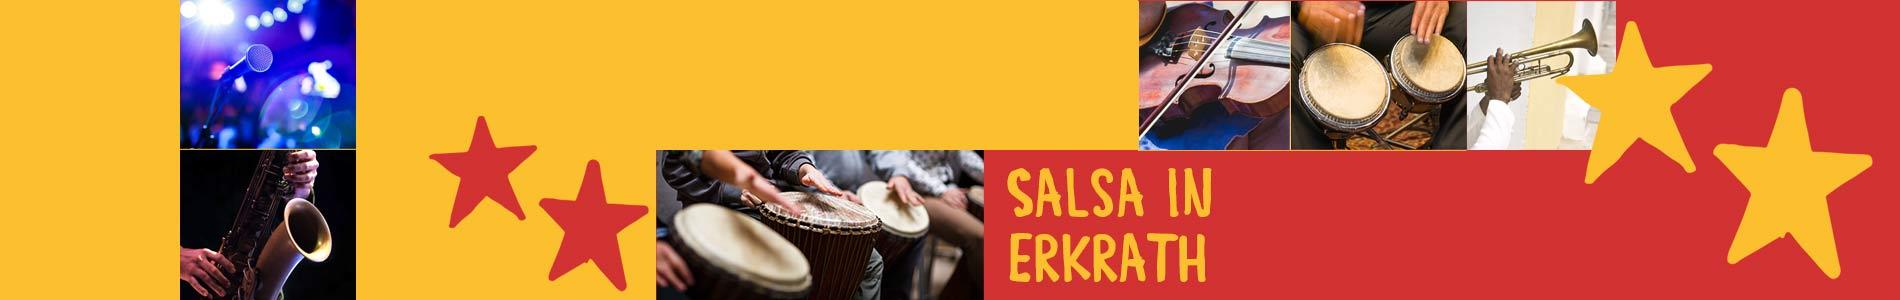 Salsa in Erkrath – Salsa lernen und tanzen, Tanzkurse, Partys, Veranstaltungen